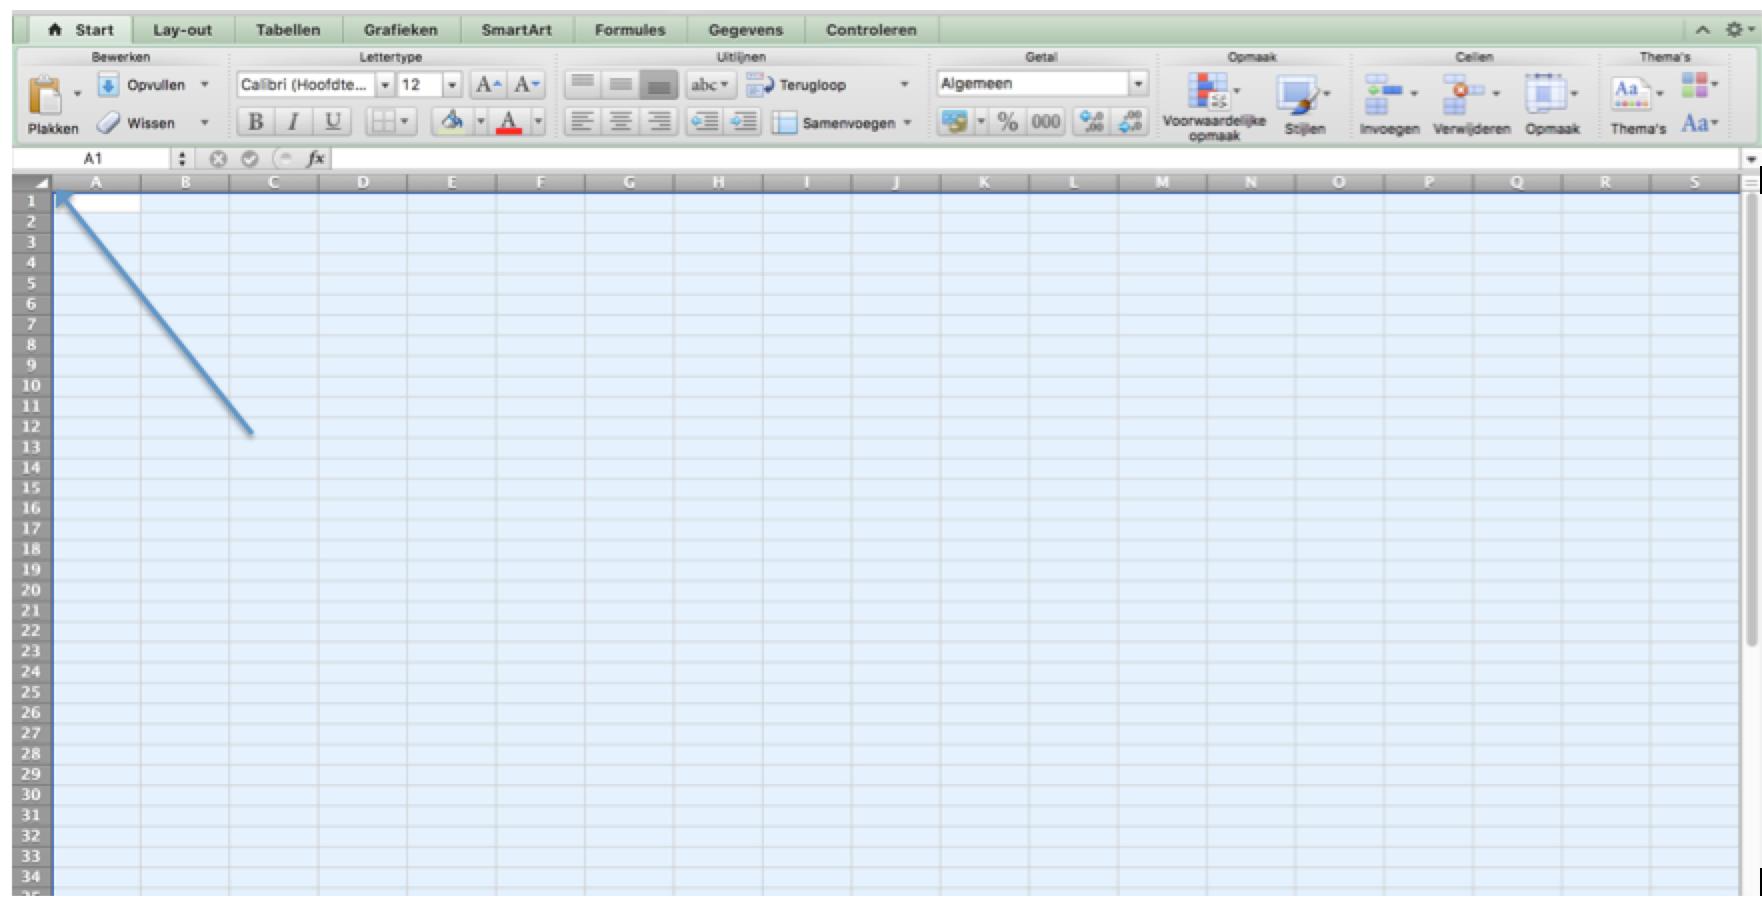 Cellen beveiligen in Excel